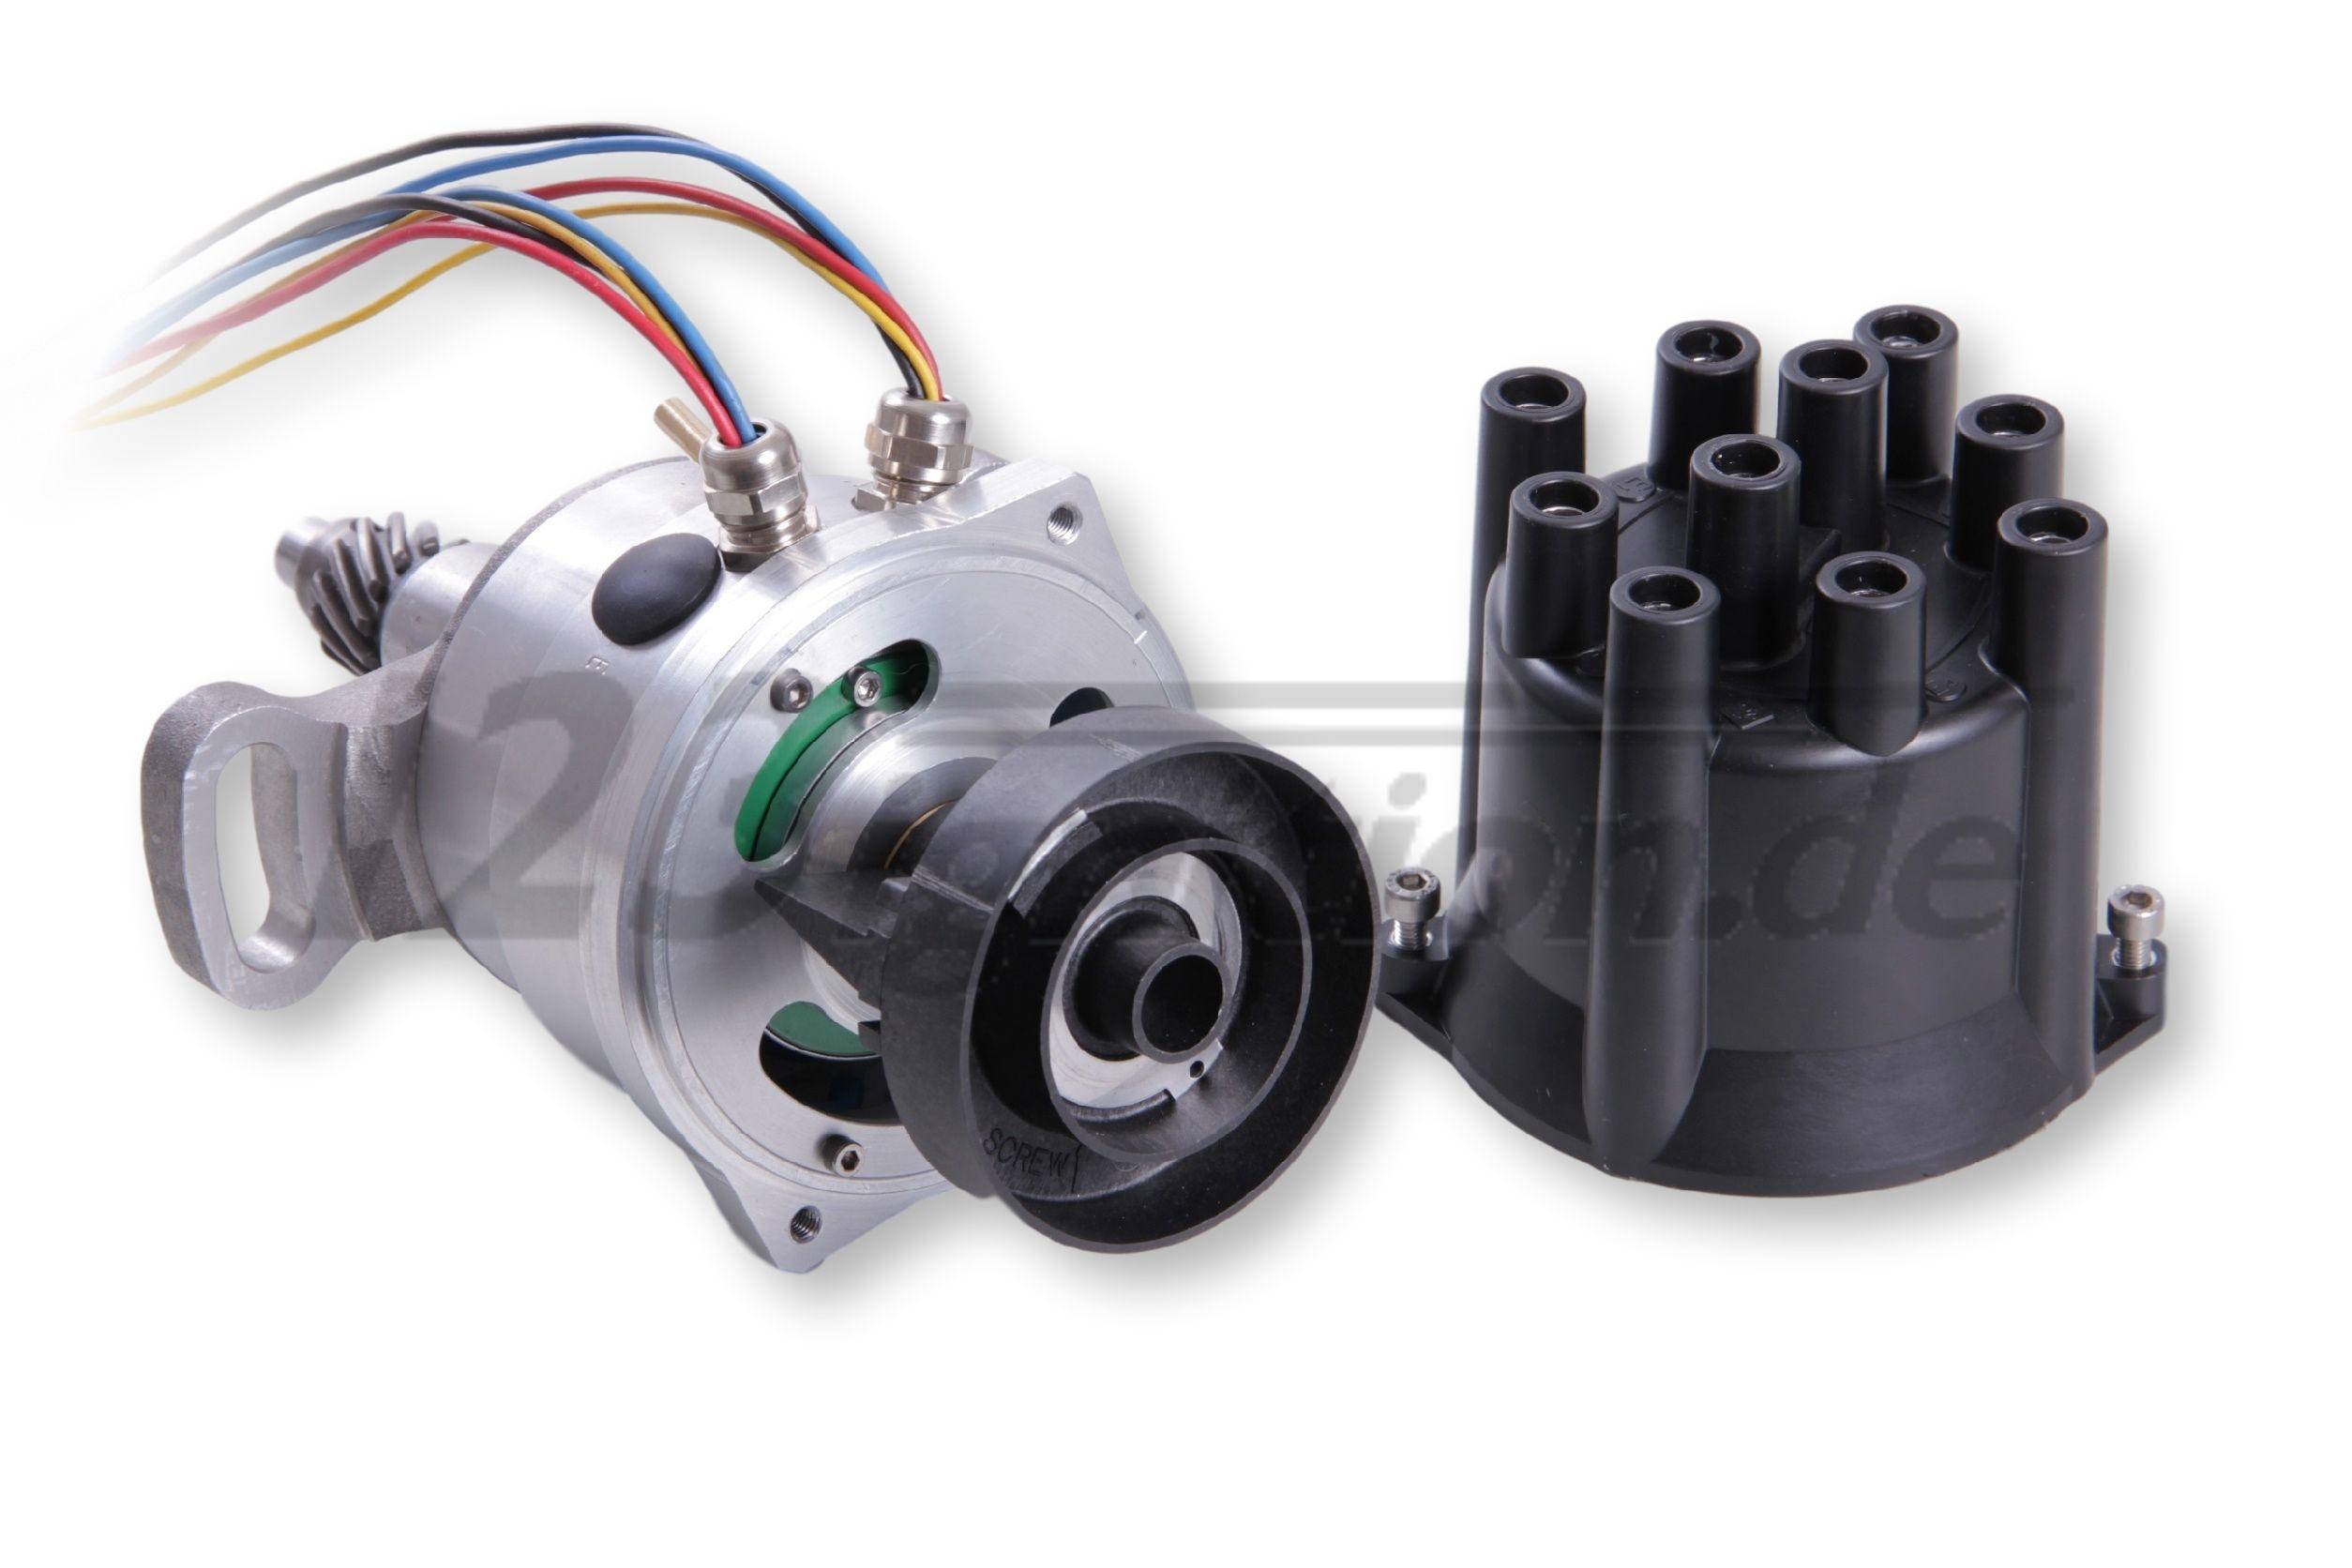 123\TUNE USB nelinpeli sytytysjakelija varten Toyota Corolla Celica Carina MR2 4A-GE moottori avoin jakelukorkki